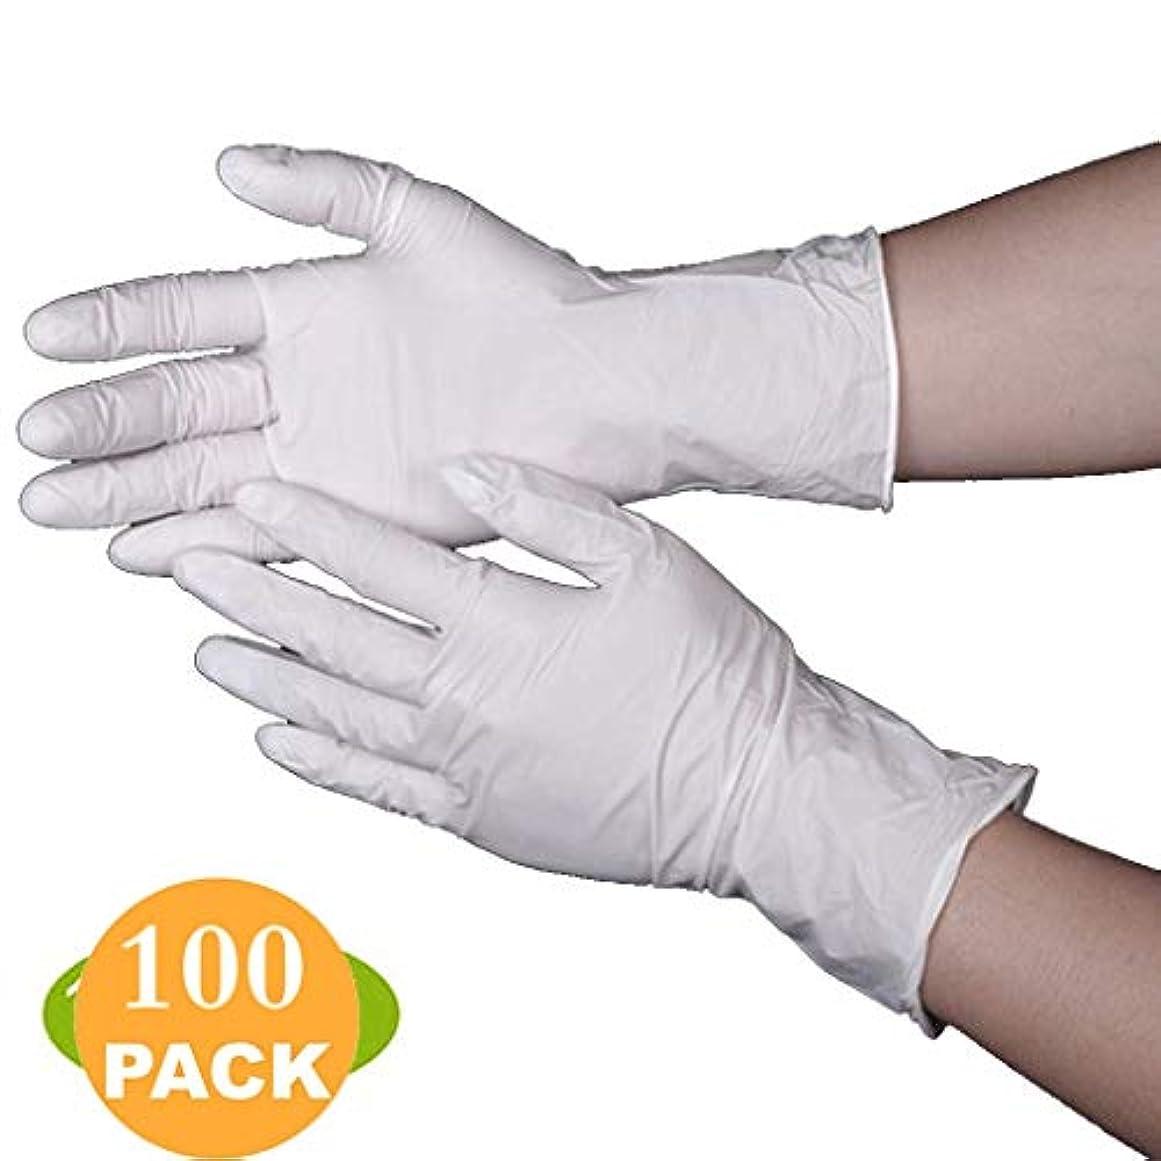 適合する本会議ピザニトリル使い捨て9インチの厚さのゴム食品加工手袋ホワイト耐性-100パーボックス (Size : M)